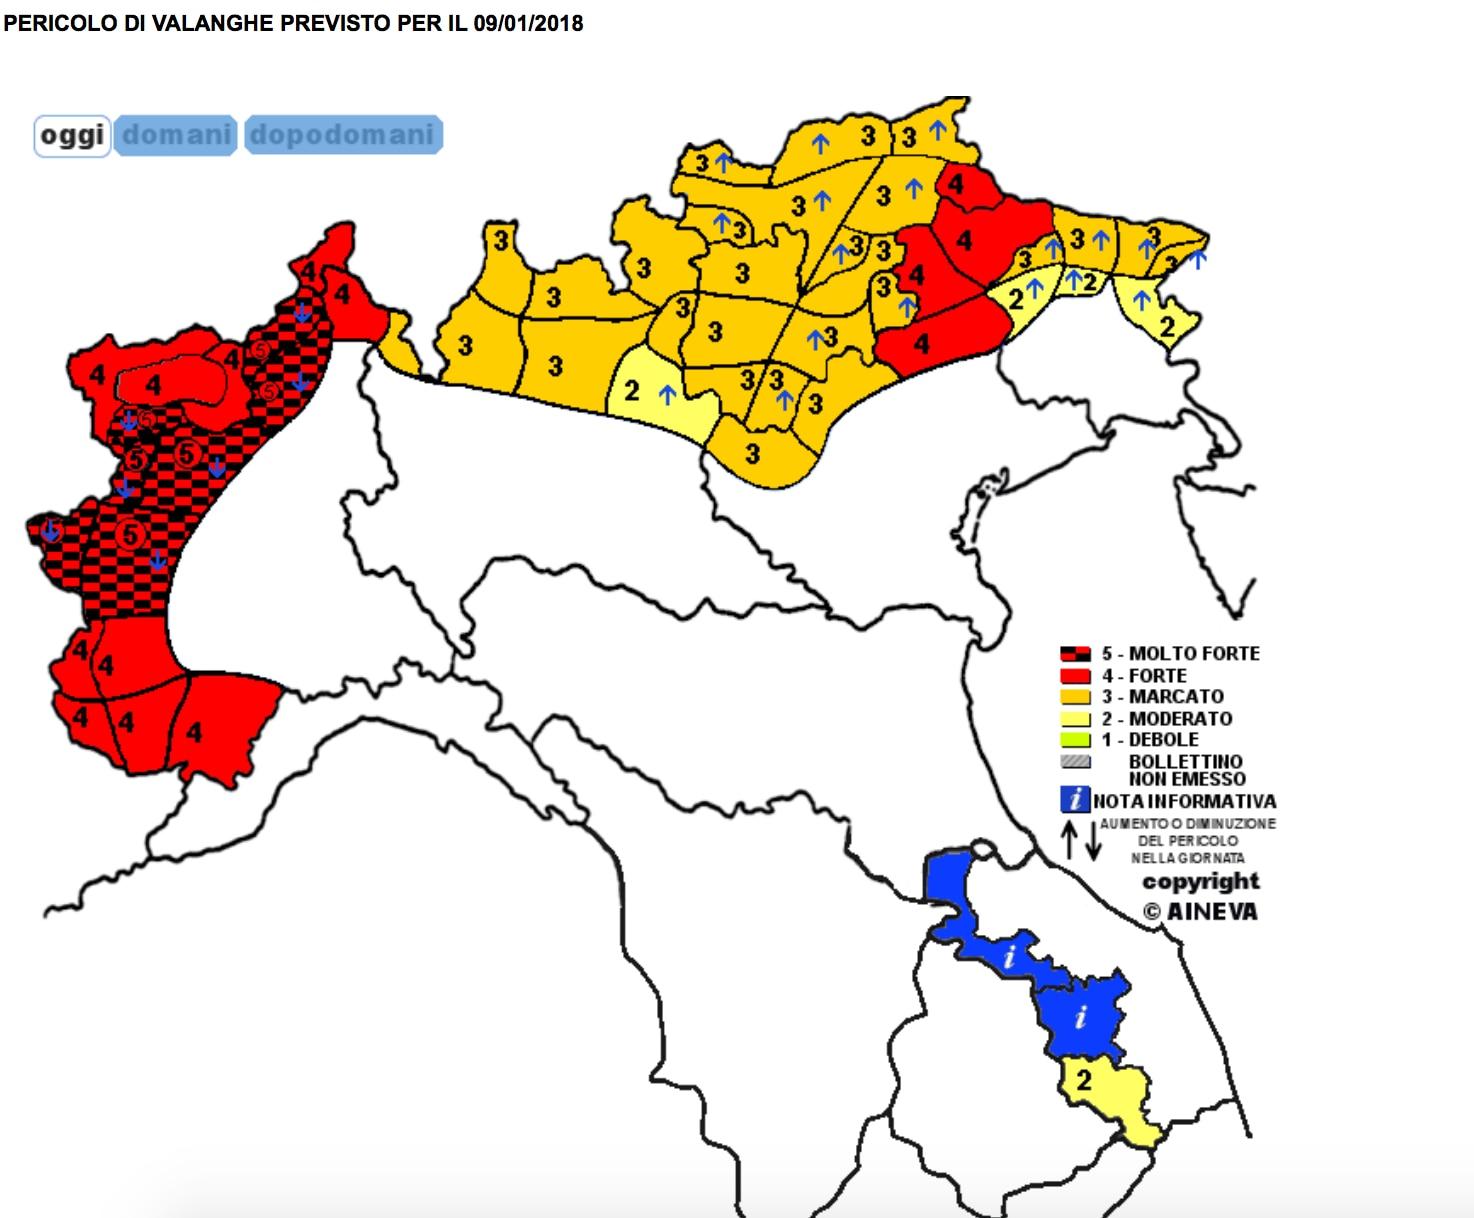 Photo of Pericolo valanghe massimo (5) su Piemonte e Valle d'Aosta